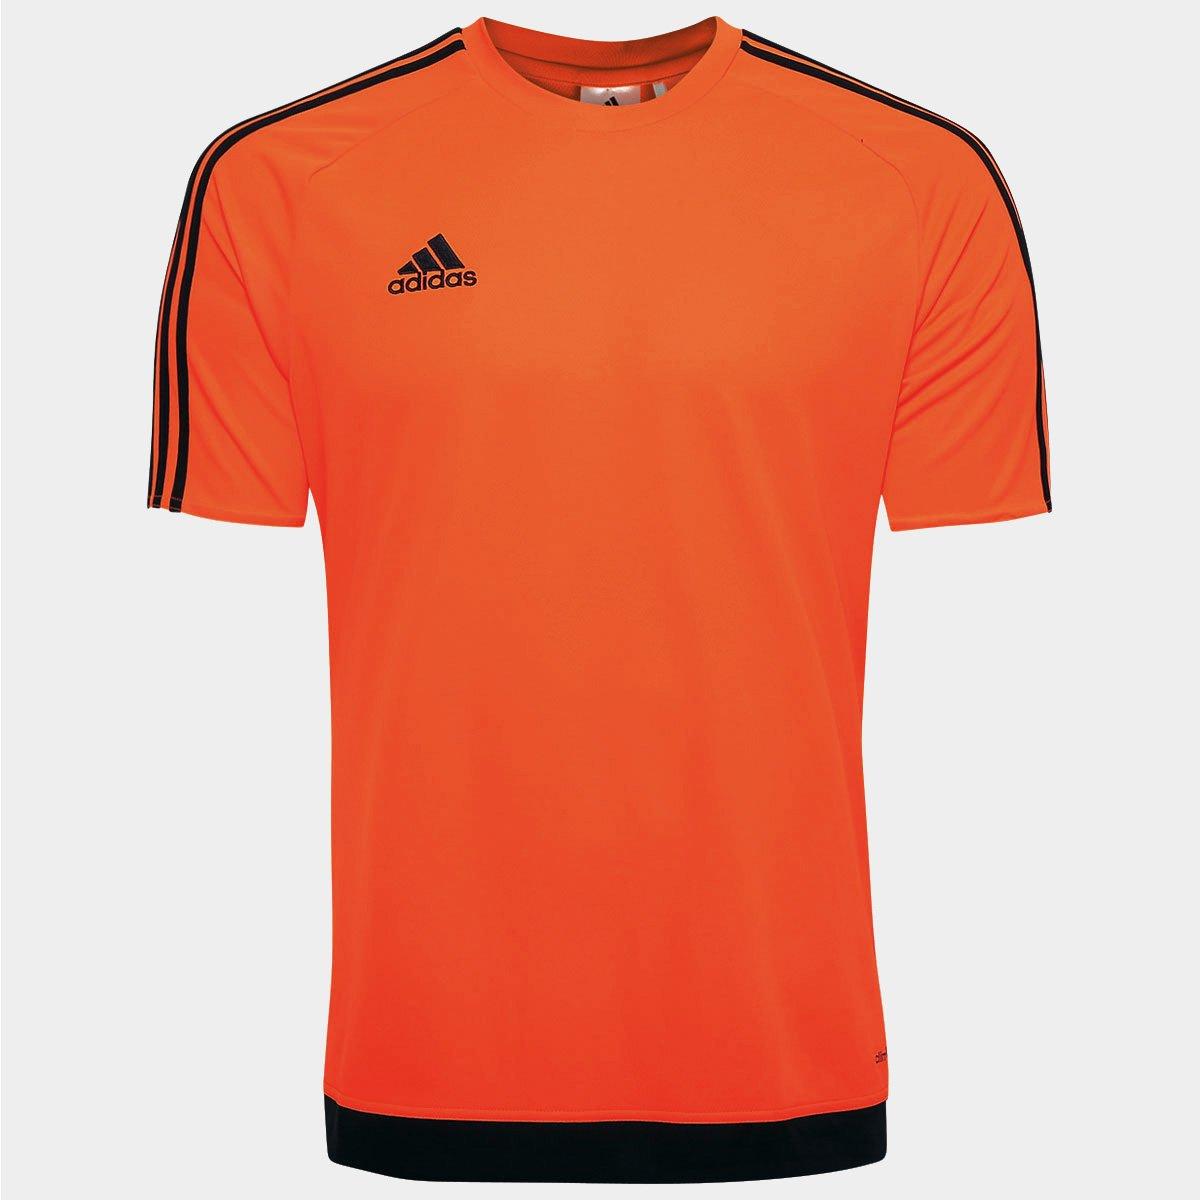 72b96cf4a2 Camisa Adidas Estro 15 Masculina - Laranja Escuro - Compre Agora ...